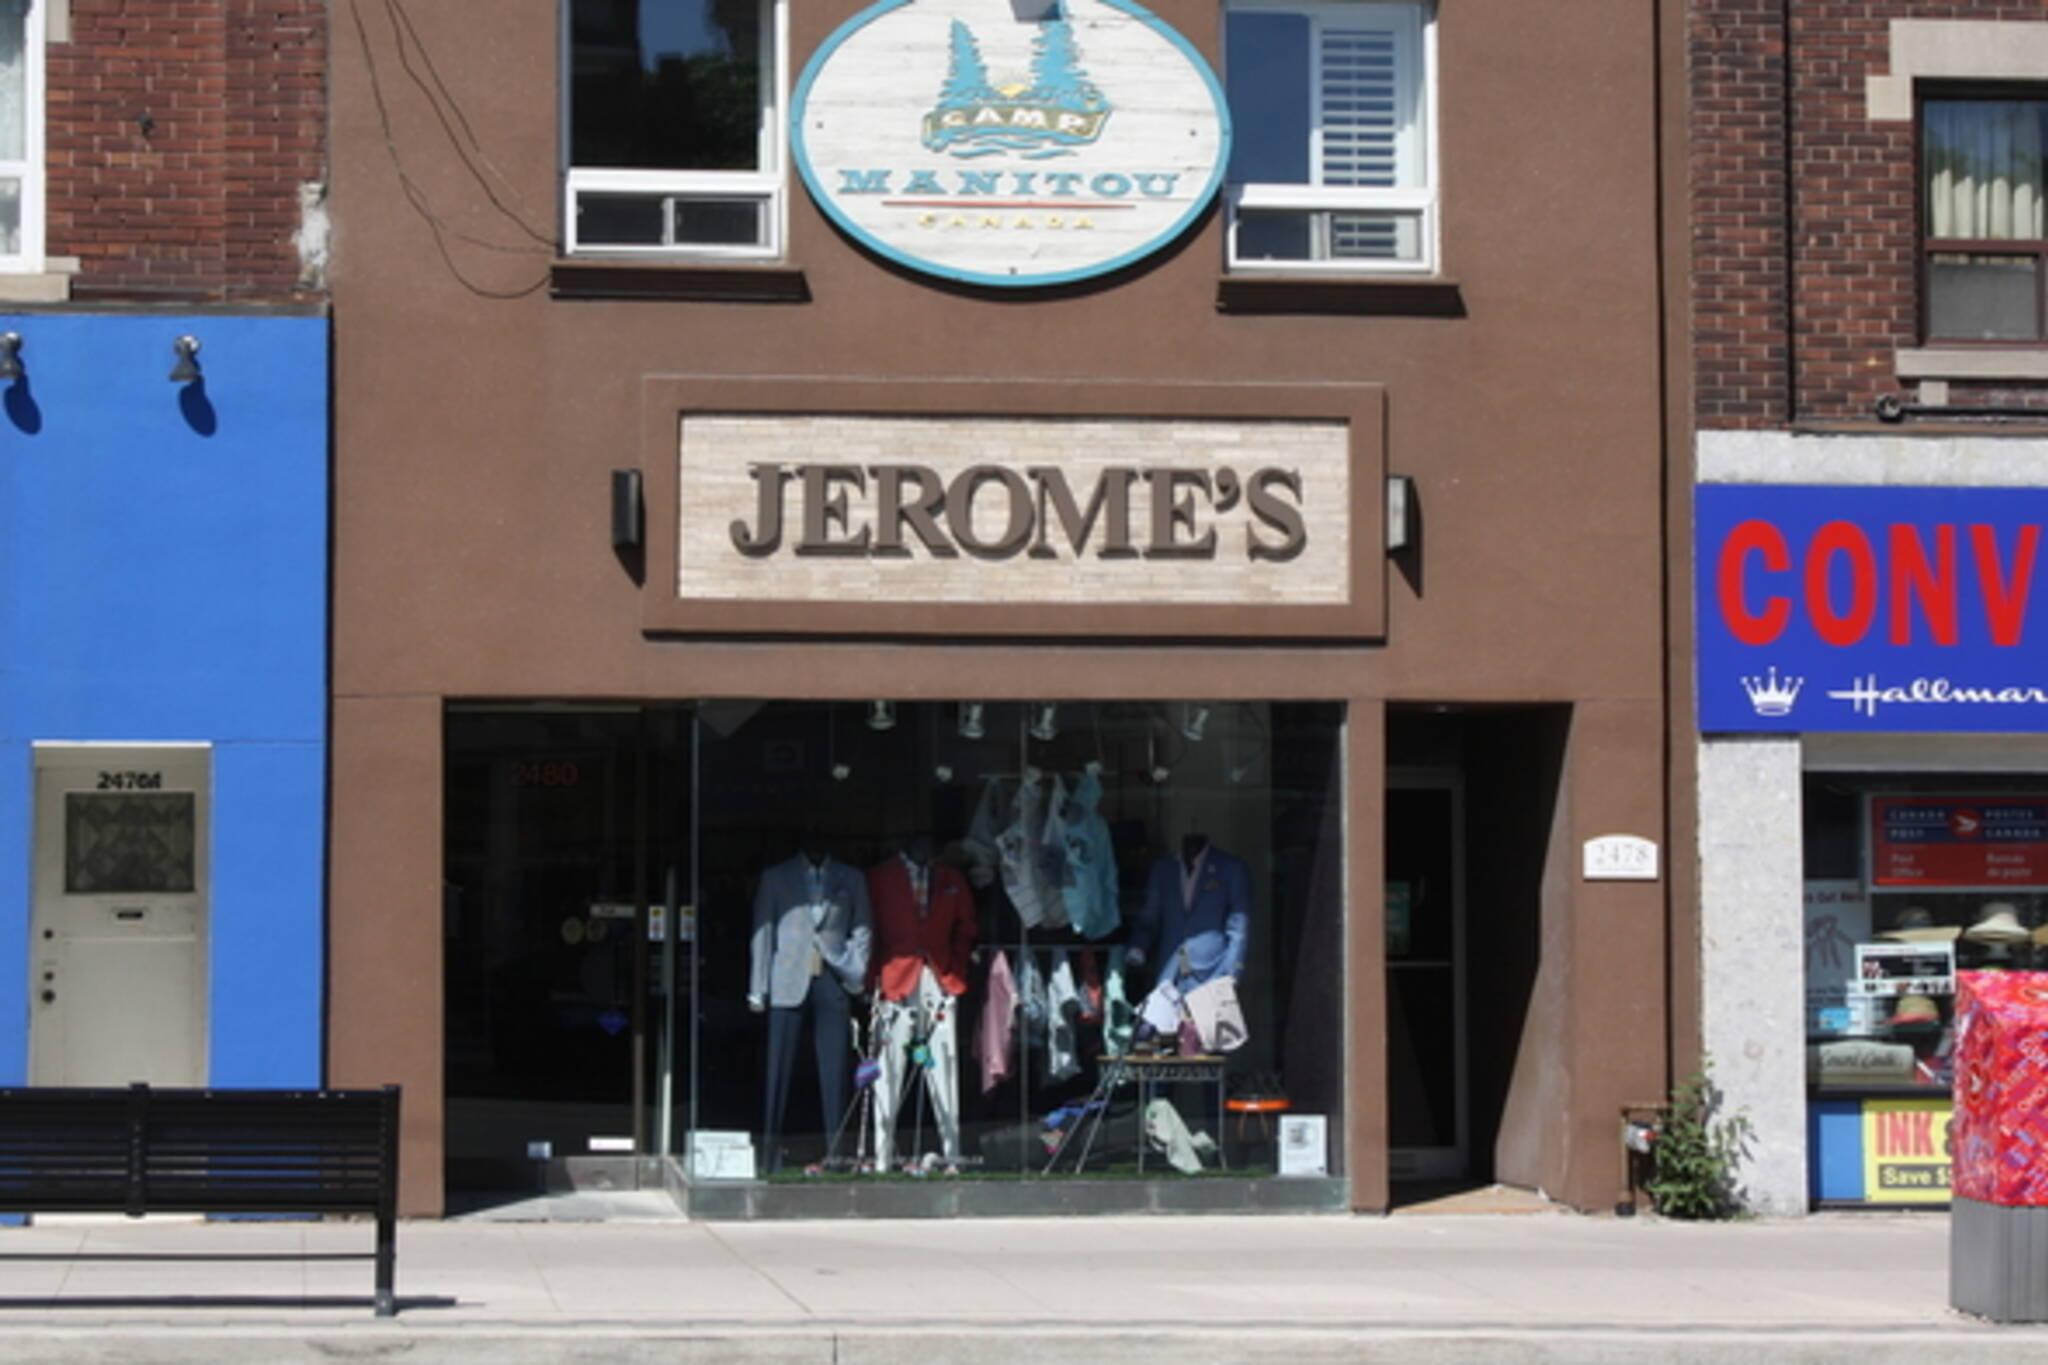 Jerome's Toronto